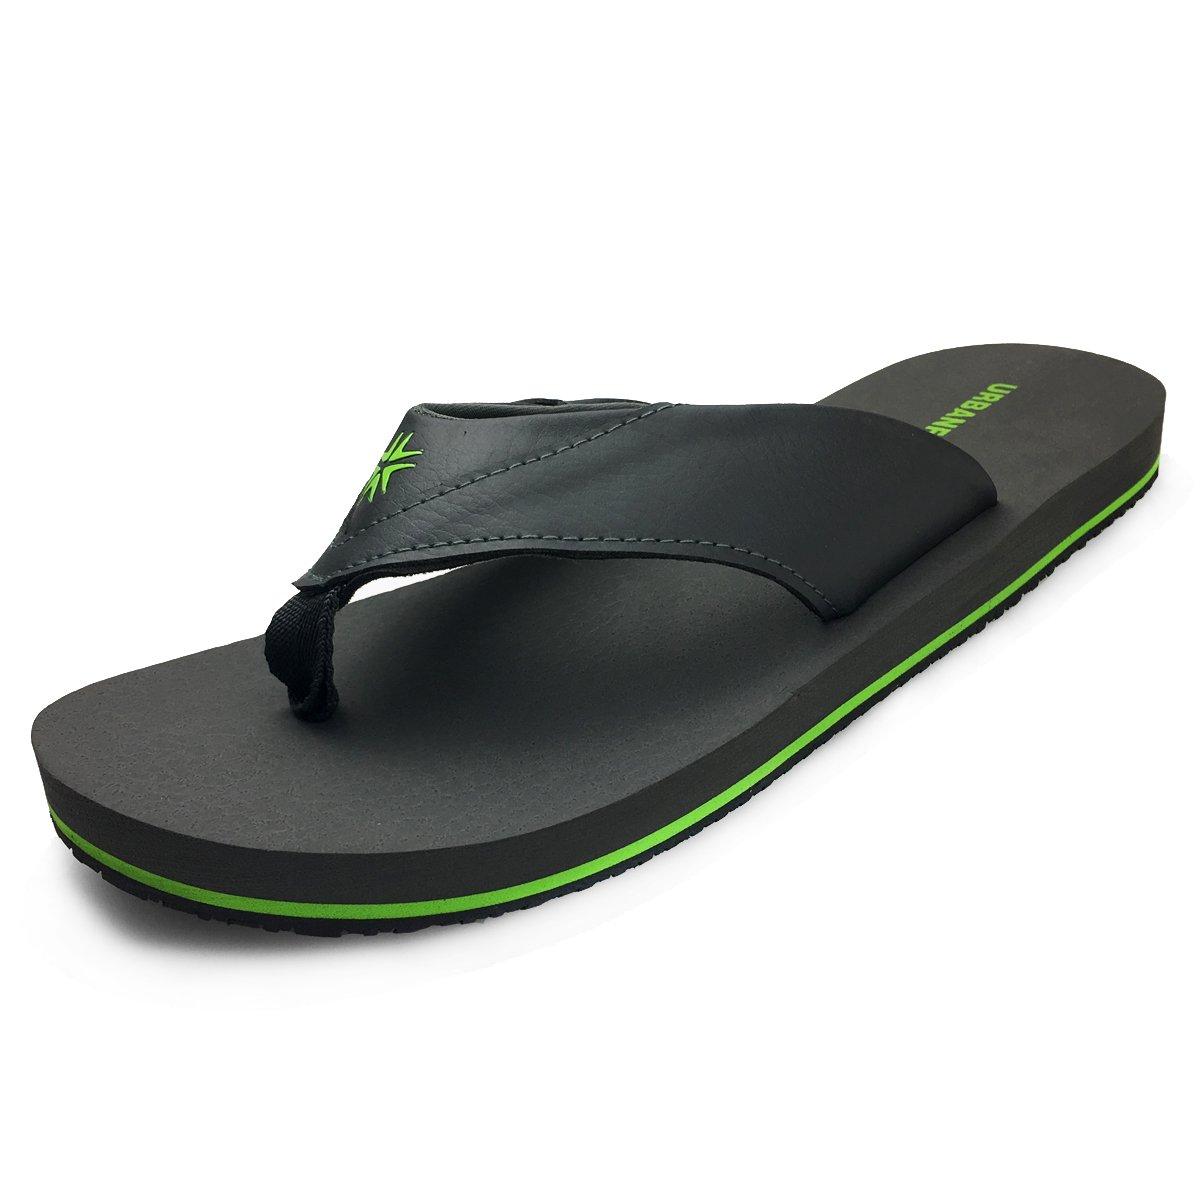 URBANFIND Men's Summer Sandals Outdoor & Indoor Flip-Flops Beach Shower Slippers Style 2 Gray, 11 D(M) US